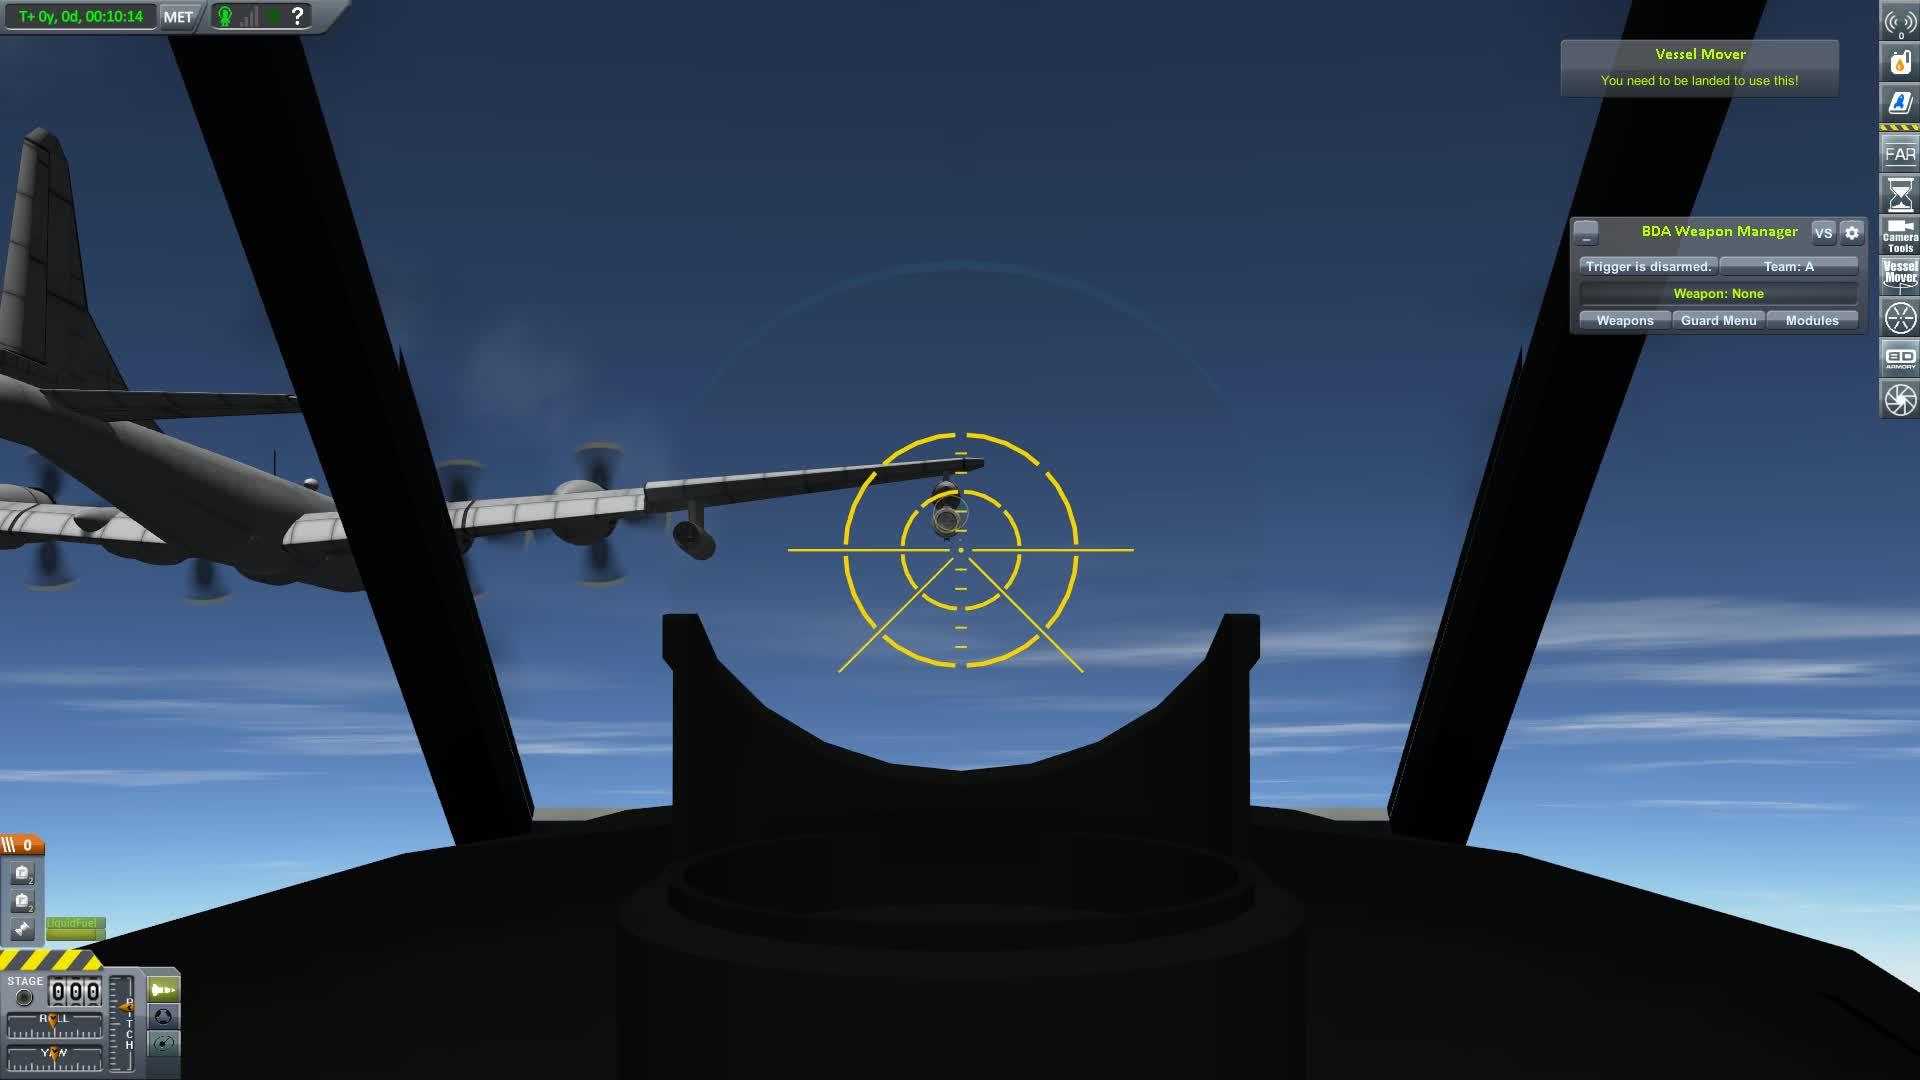 KSP, Kerbal Space Program, KSP Aerial Refueling GIFs